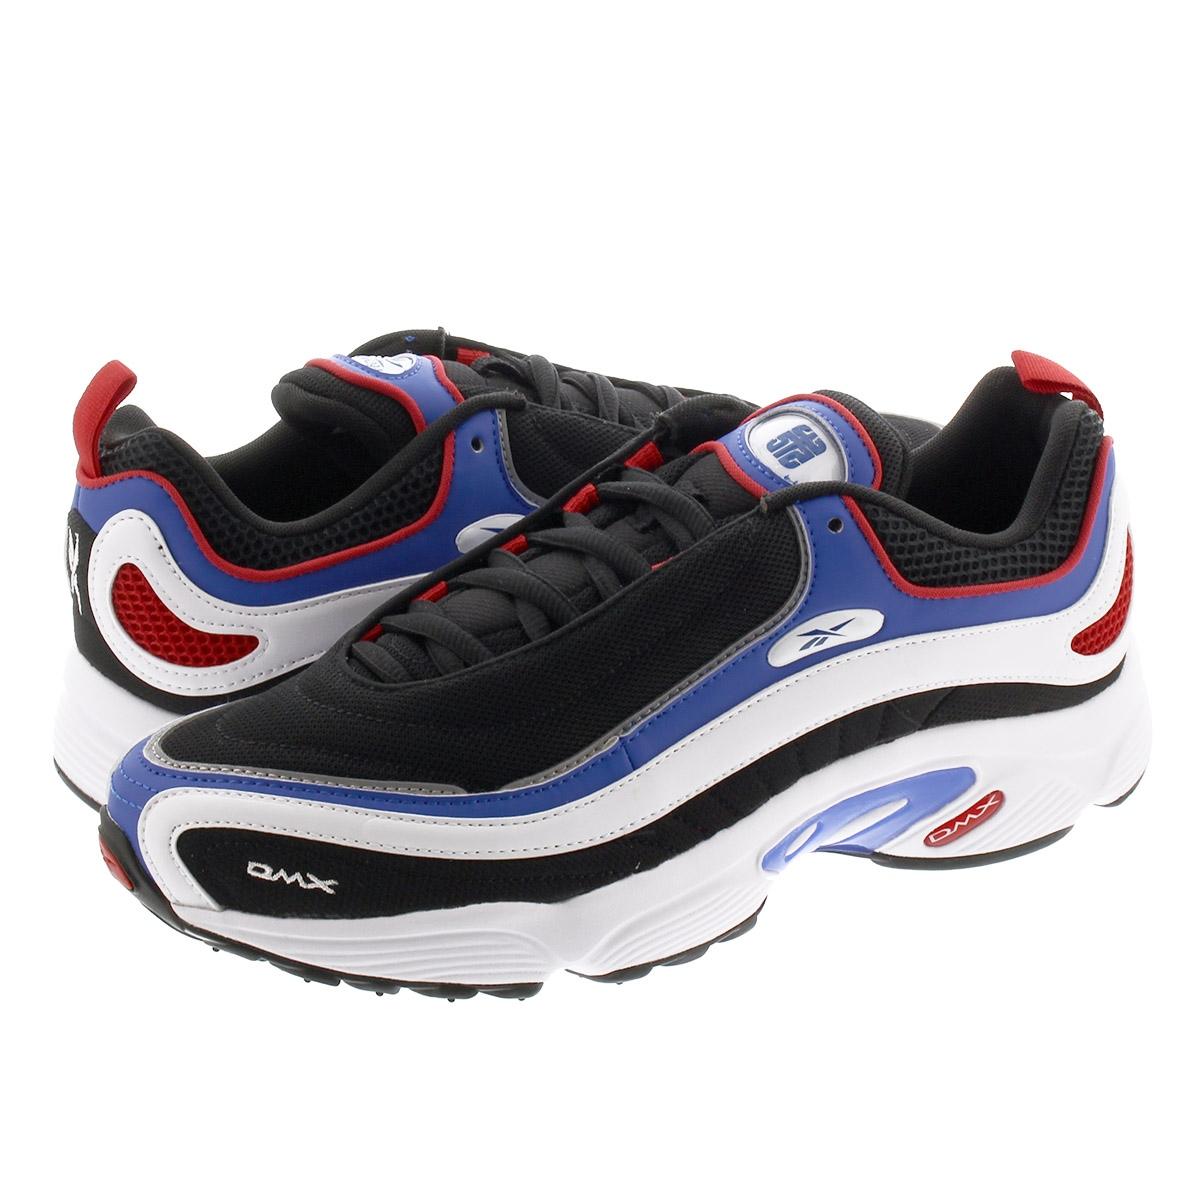 【お買い物マラソンSALE】 Reebok DAYTONA DMX MU リーボック デイトナ DMX 2MU BLACK/HUMBLE BLUE/SCARLET fv8241